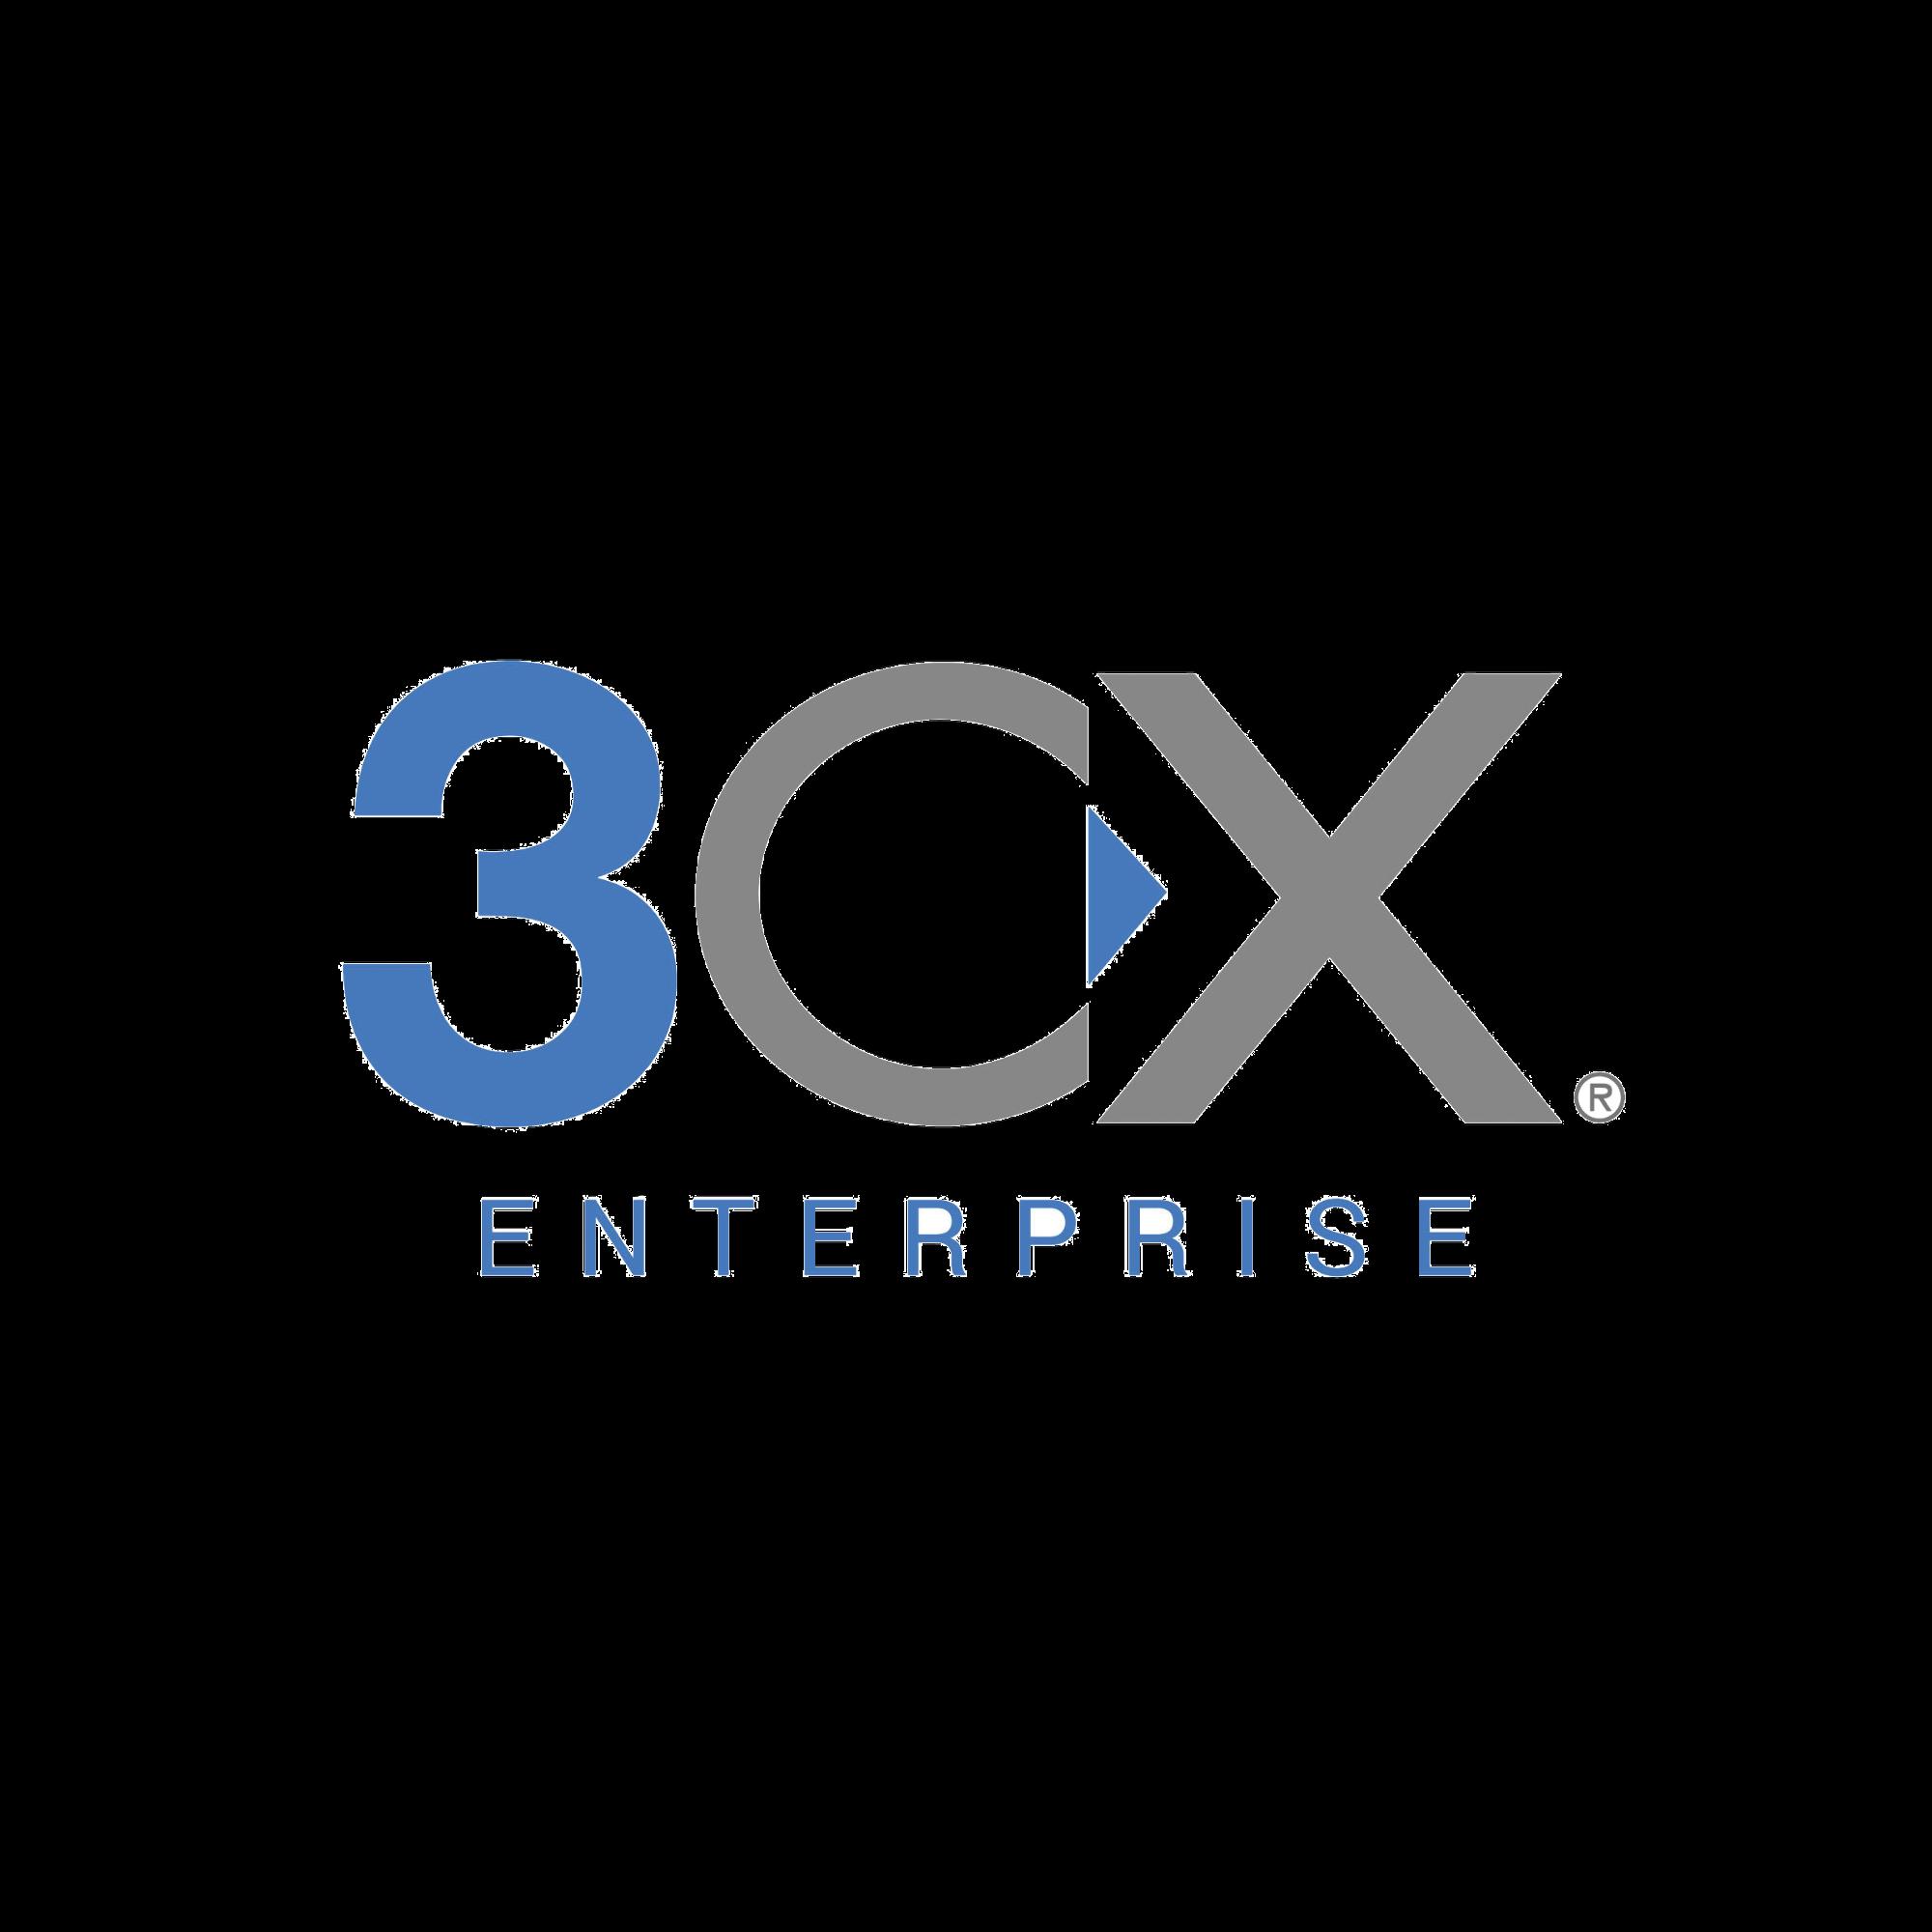 Licencia anual de 3CX Enterprise para 32 llamadas simultáneas y extensiones ilimitadas